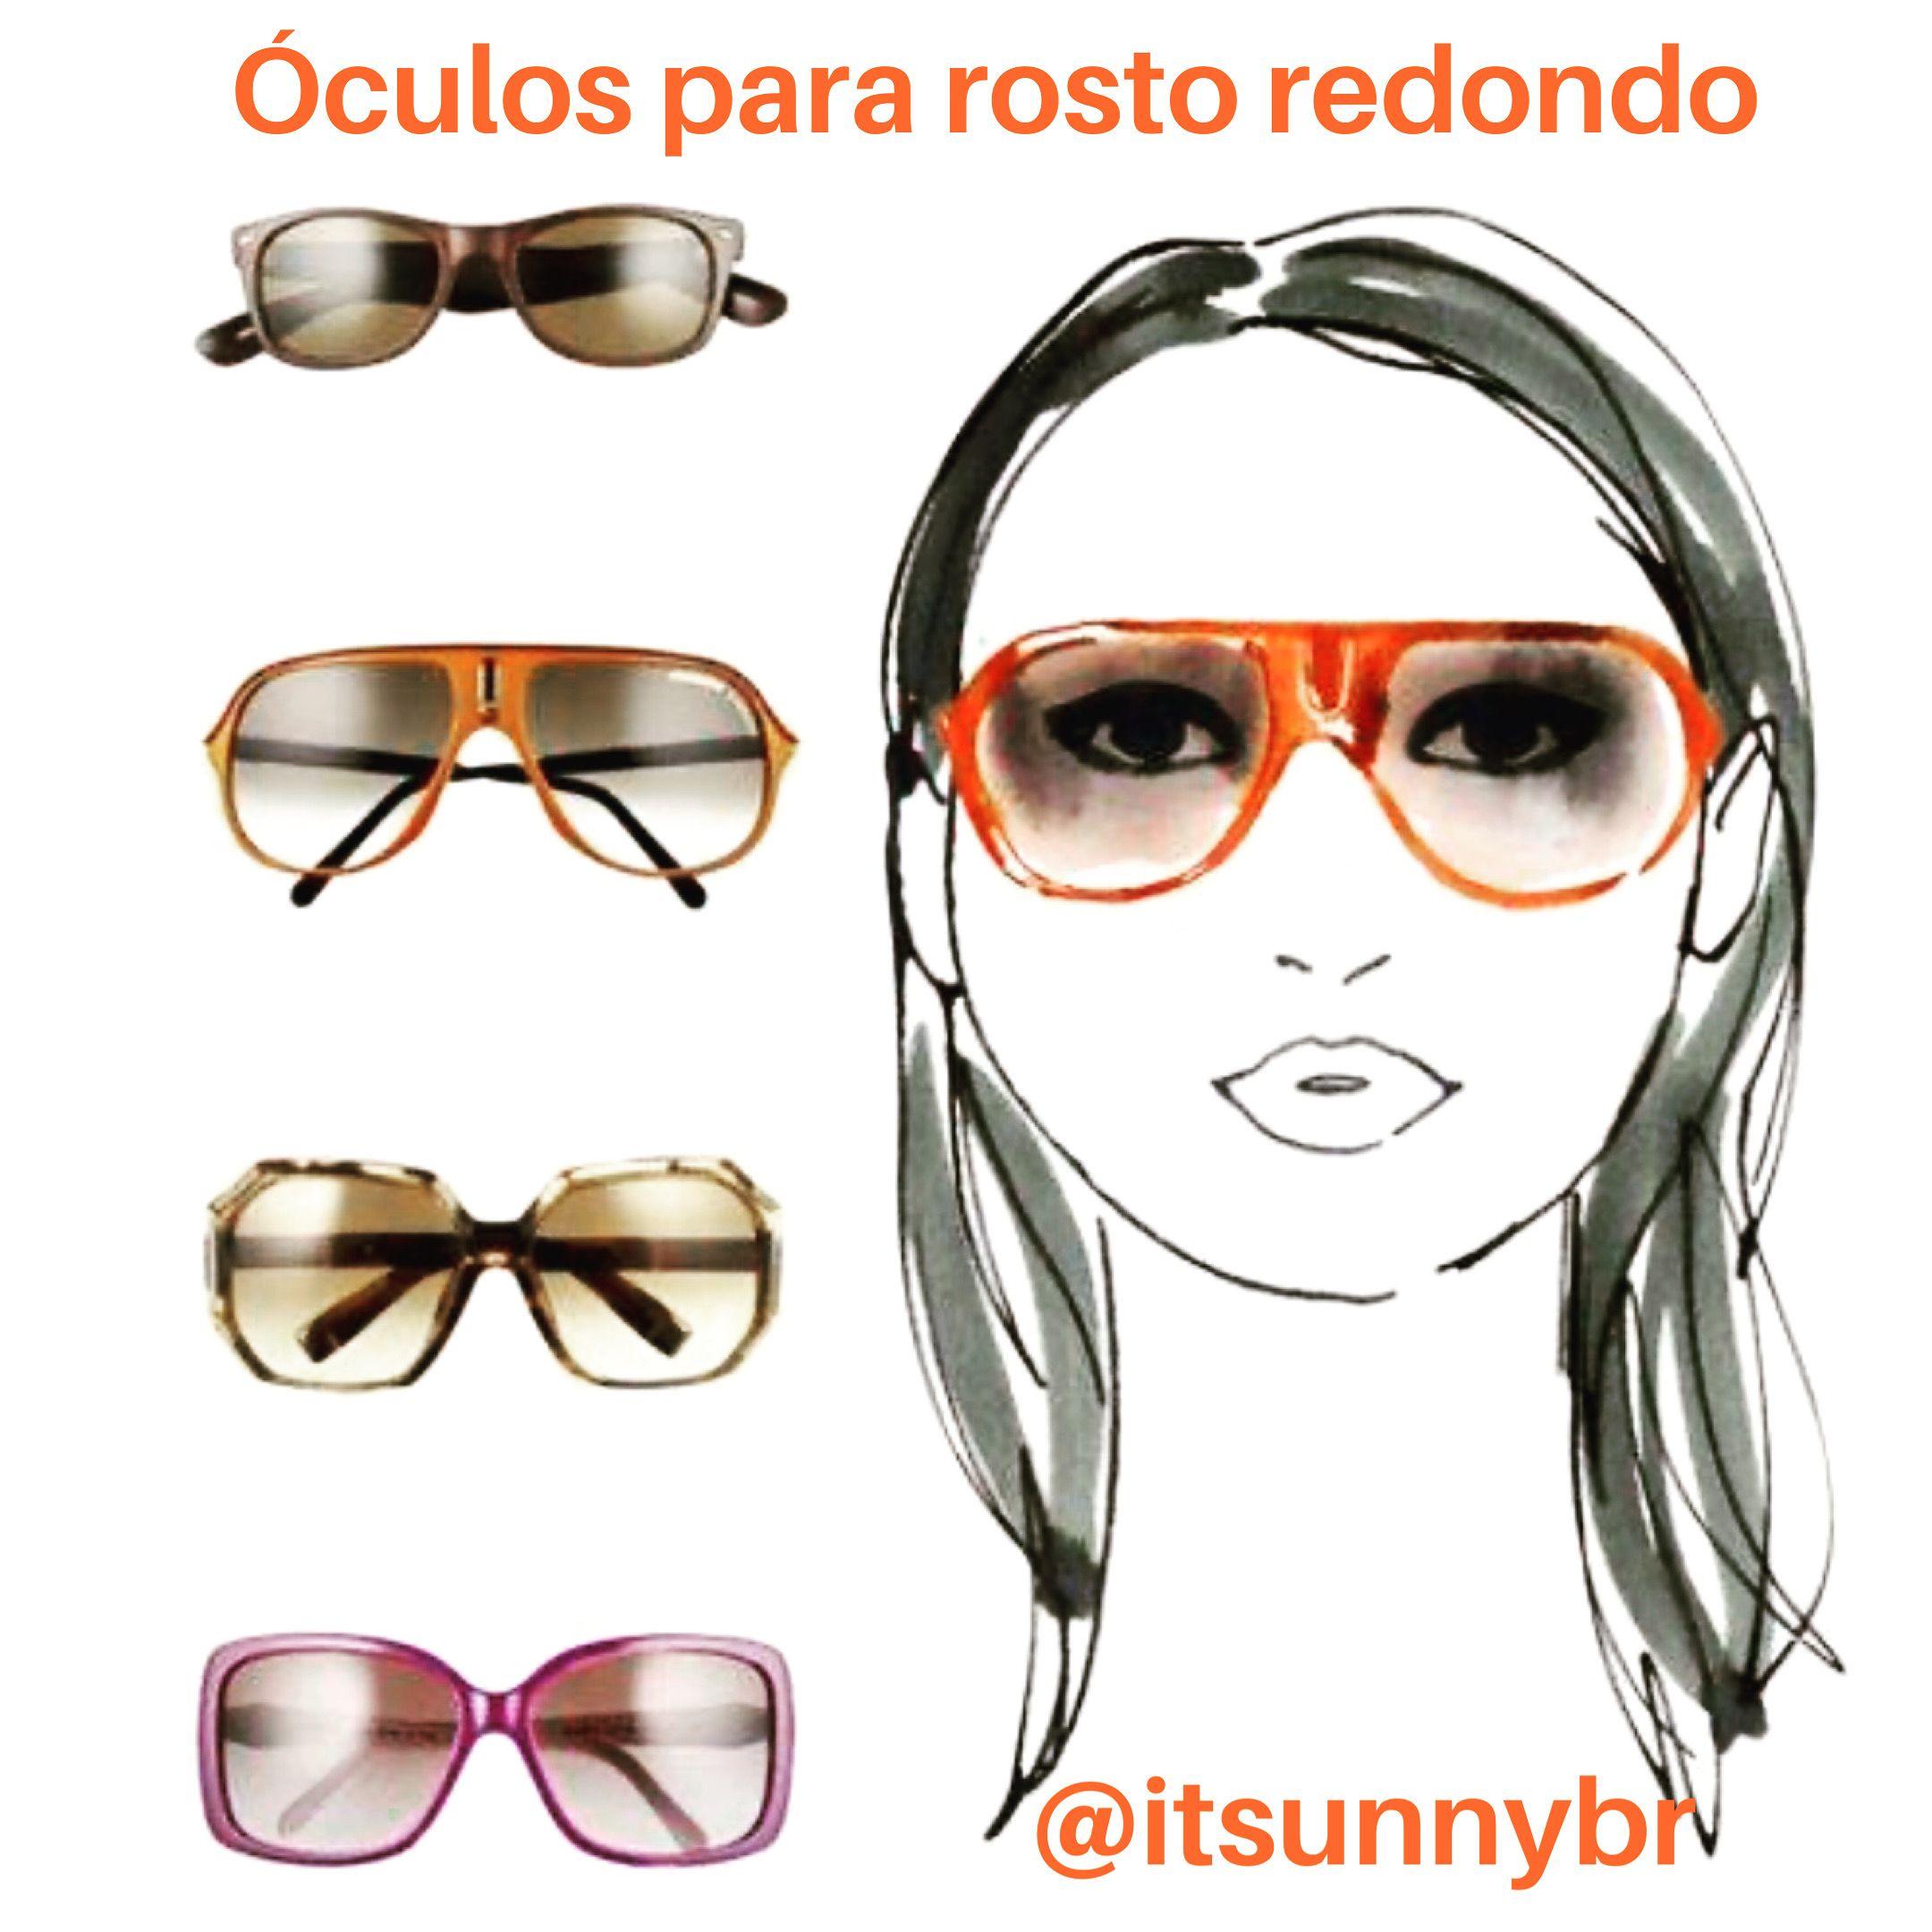 Oculos Para Rosto Redondo Estilo Tendencia Lookdodia Look